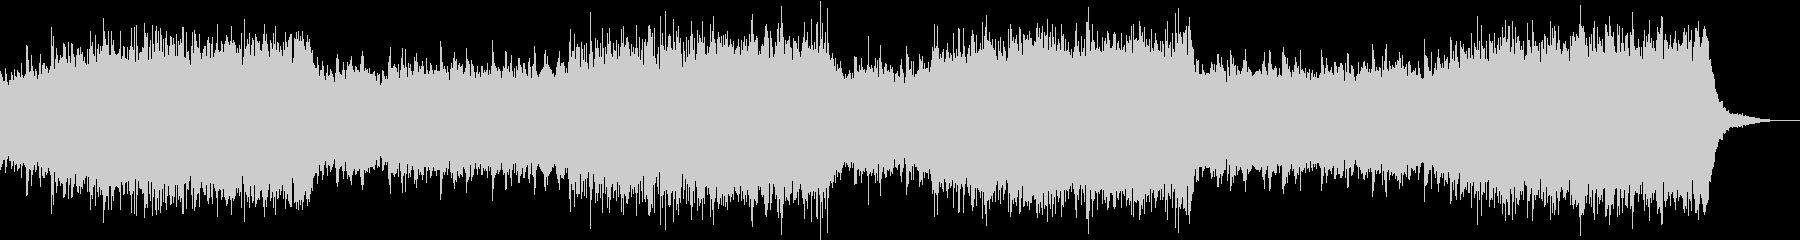 説明、解説、紹介などに適応した電子音楽の未再生の波形